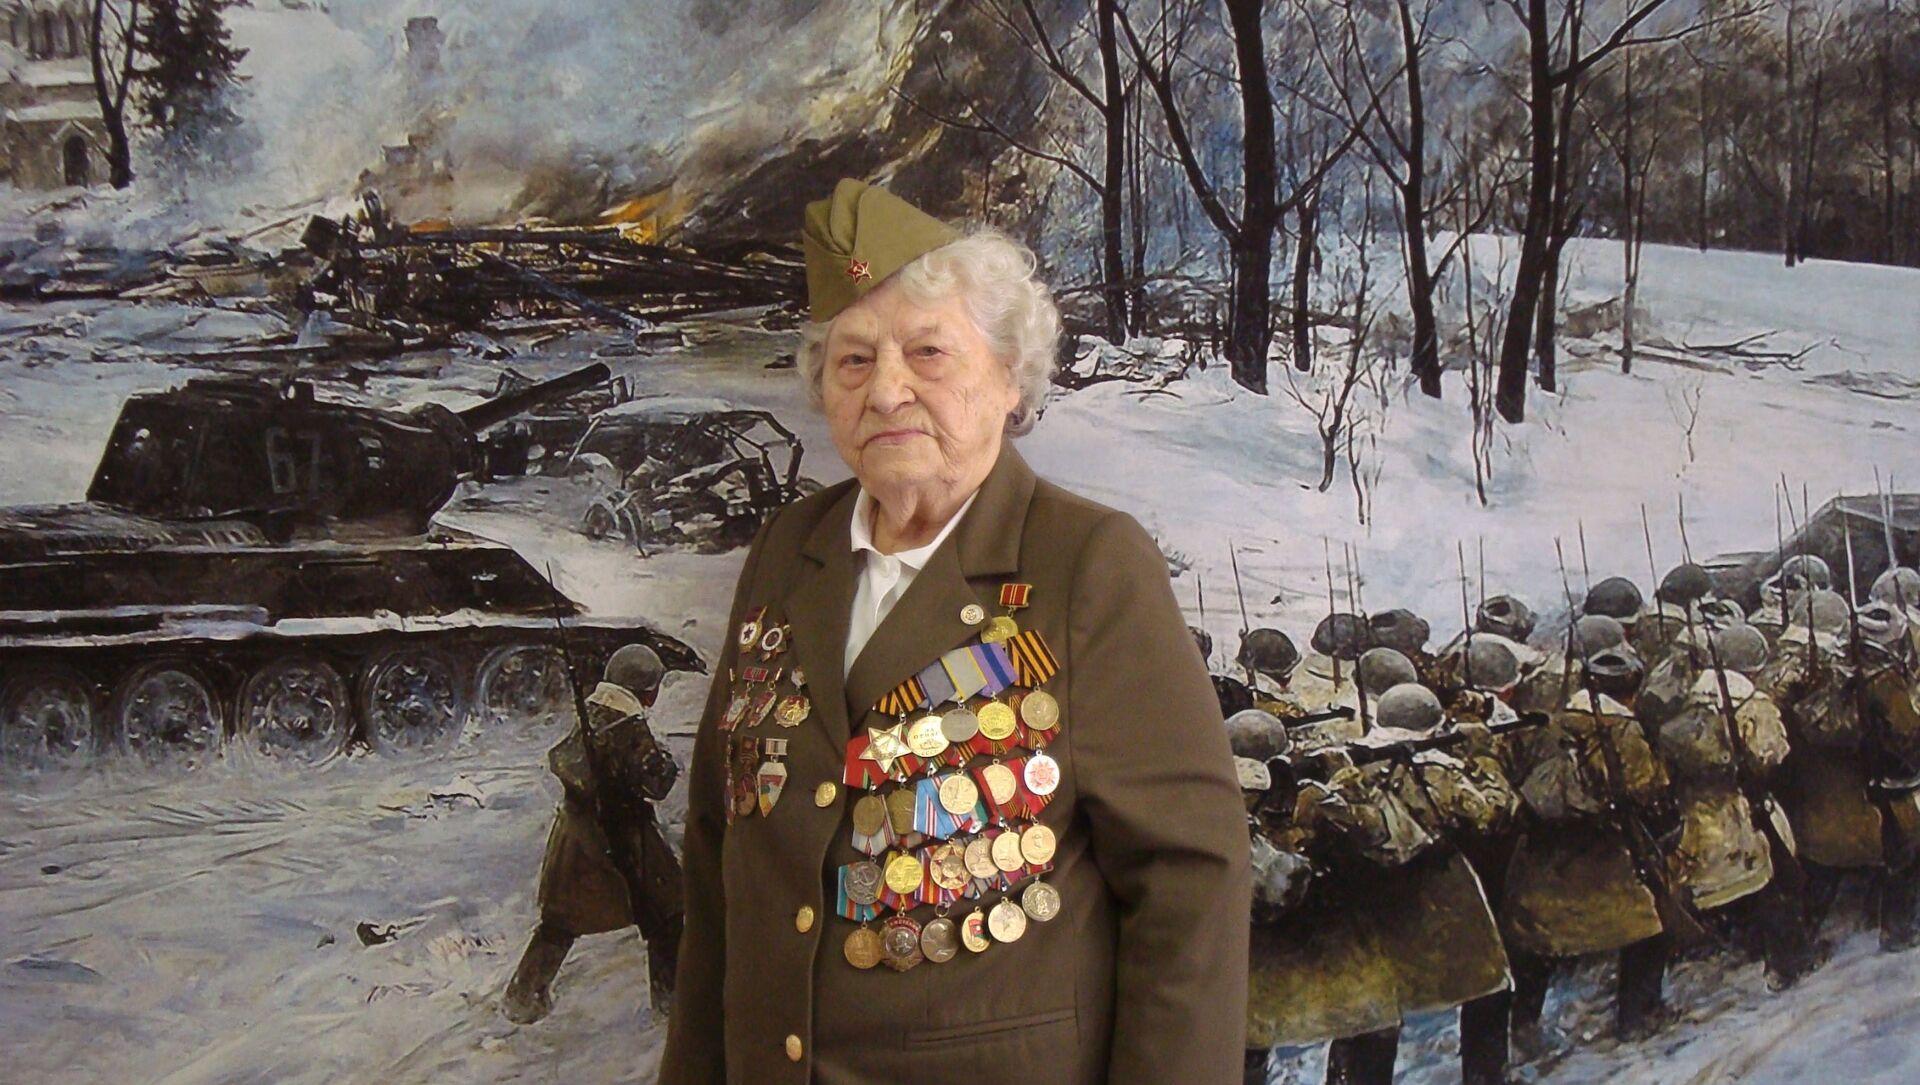 99 yaşındaki 2. Dünya Savaşı gazisi kadın, jet simülatörüyle gökyüzüne çıktı - Sputnik Türkiye, 1920, 30.03.2021